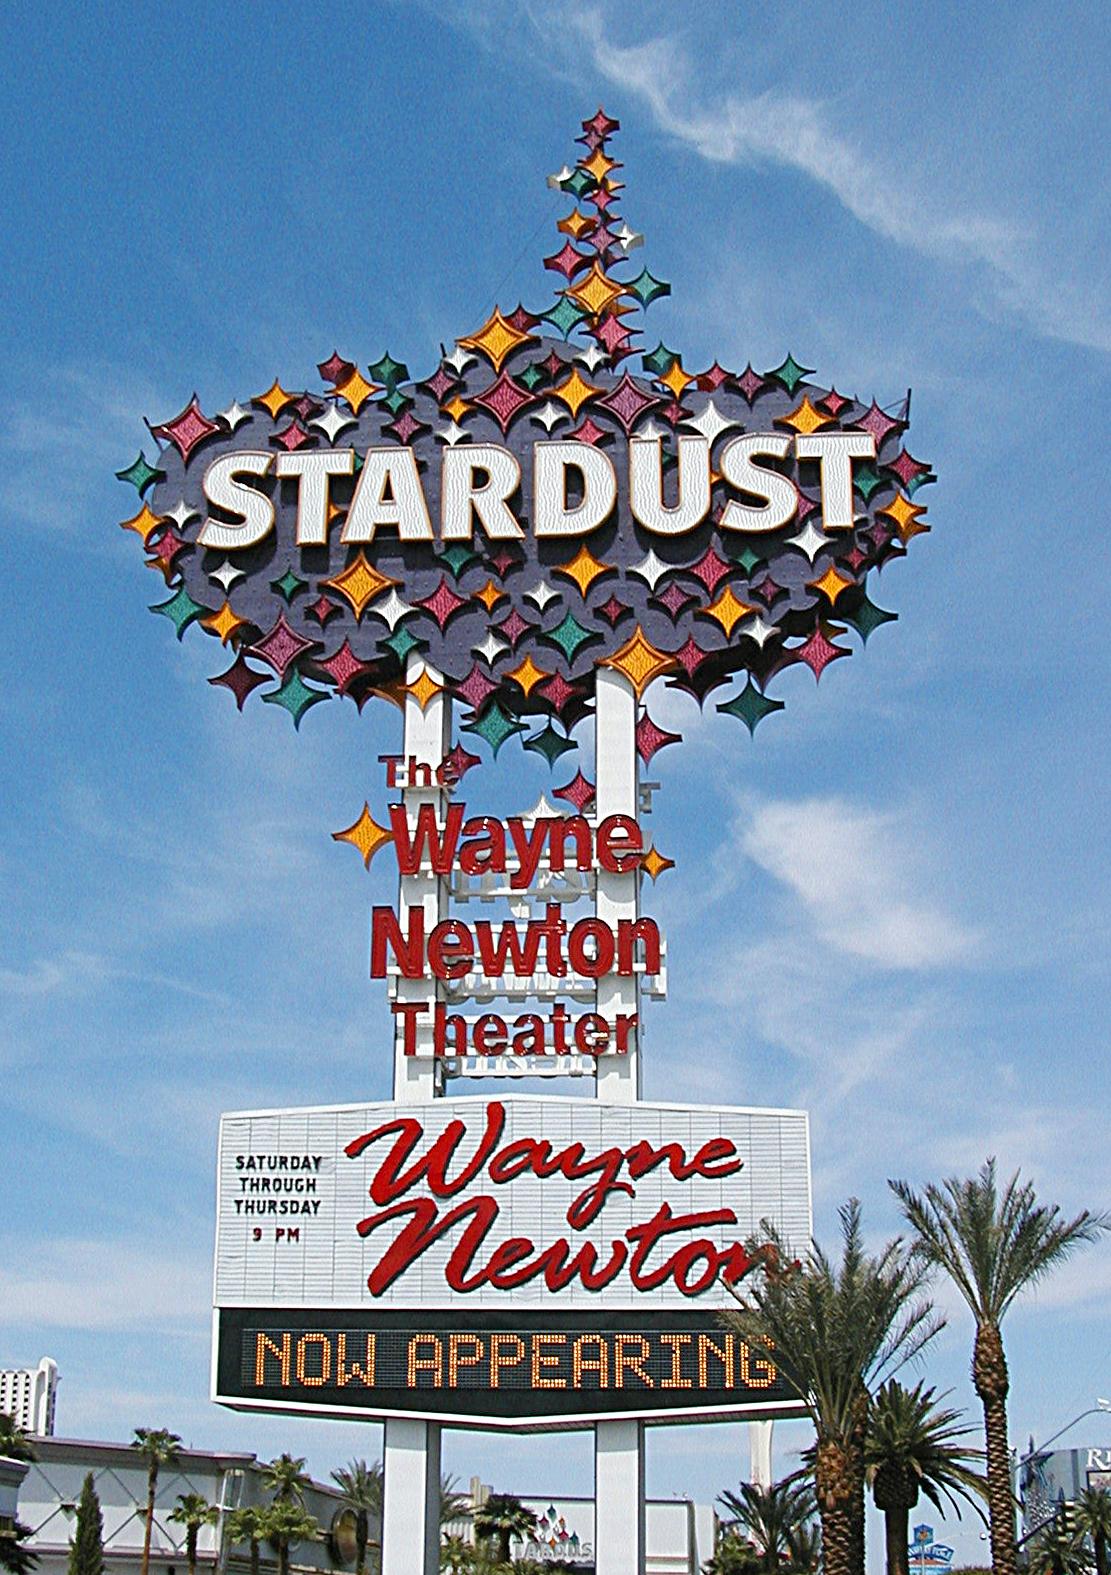 Stardust casino demolition